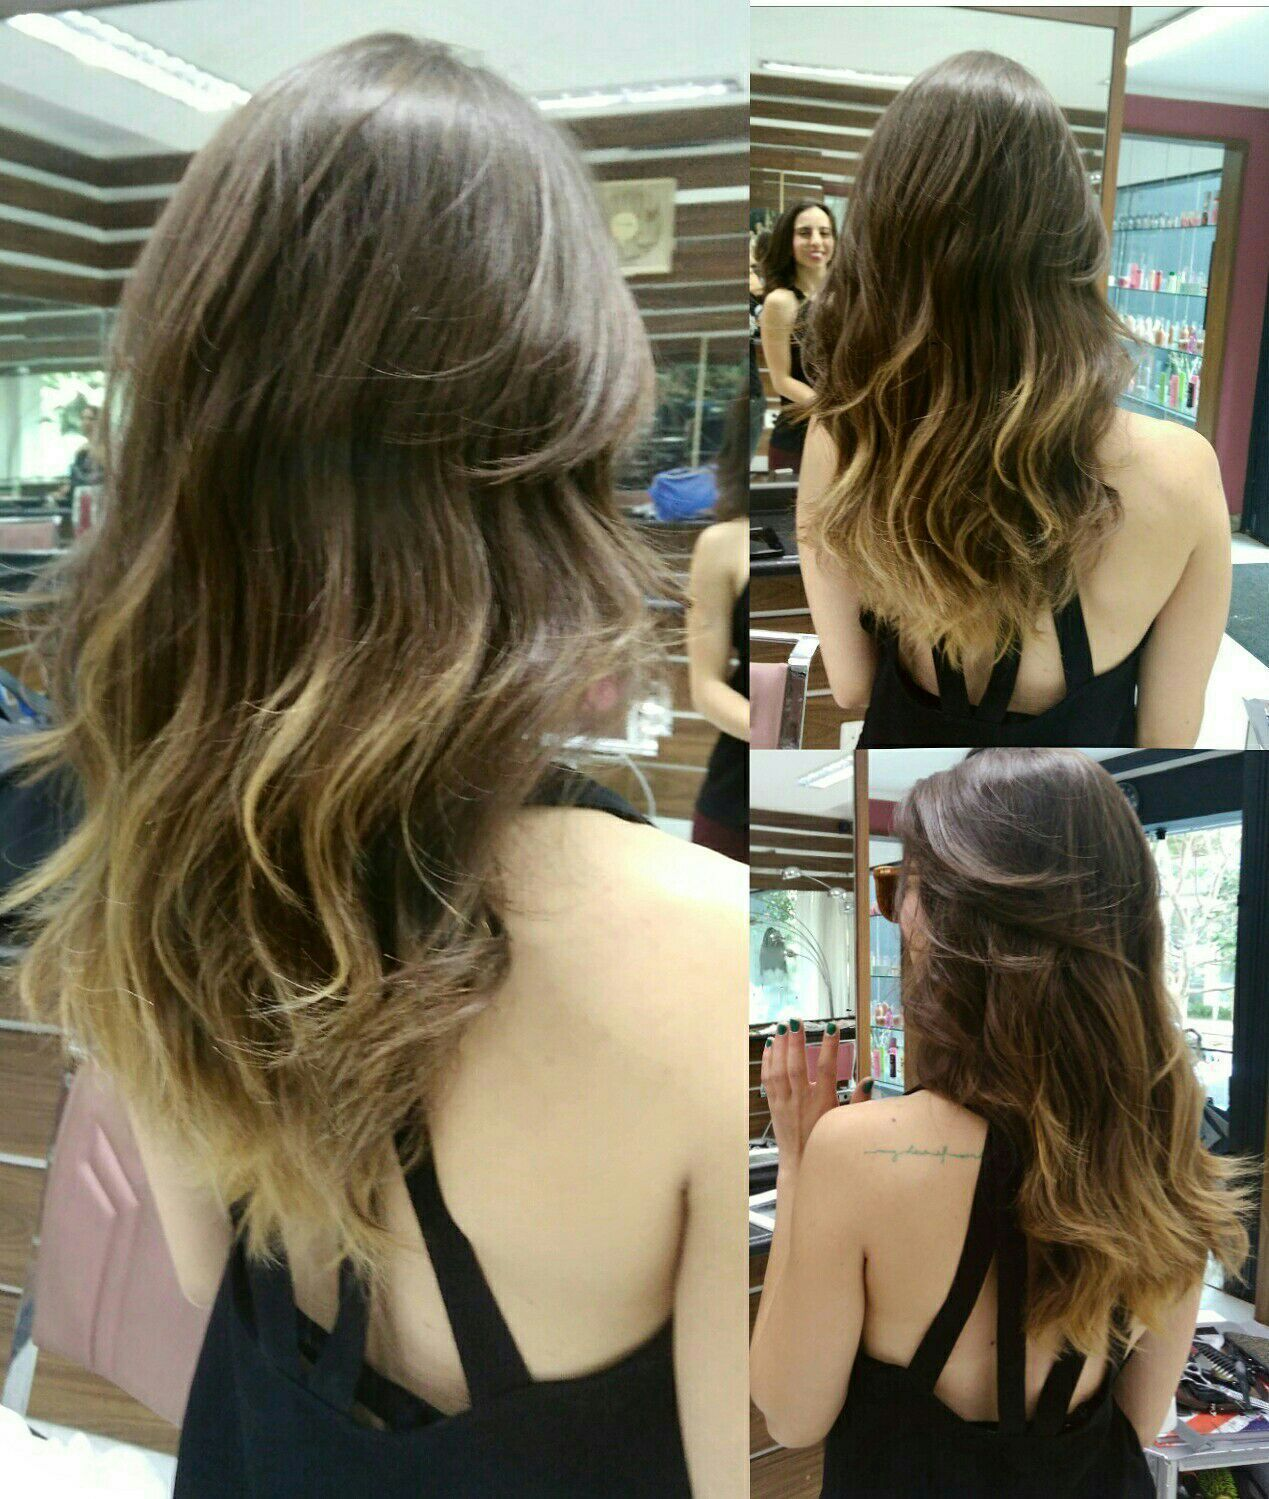 cabelo barbeiro(a) cabeleireiro(a) barbeiro(a) cabeleireiro(a) cabeleireiro(a)